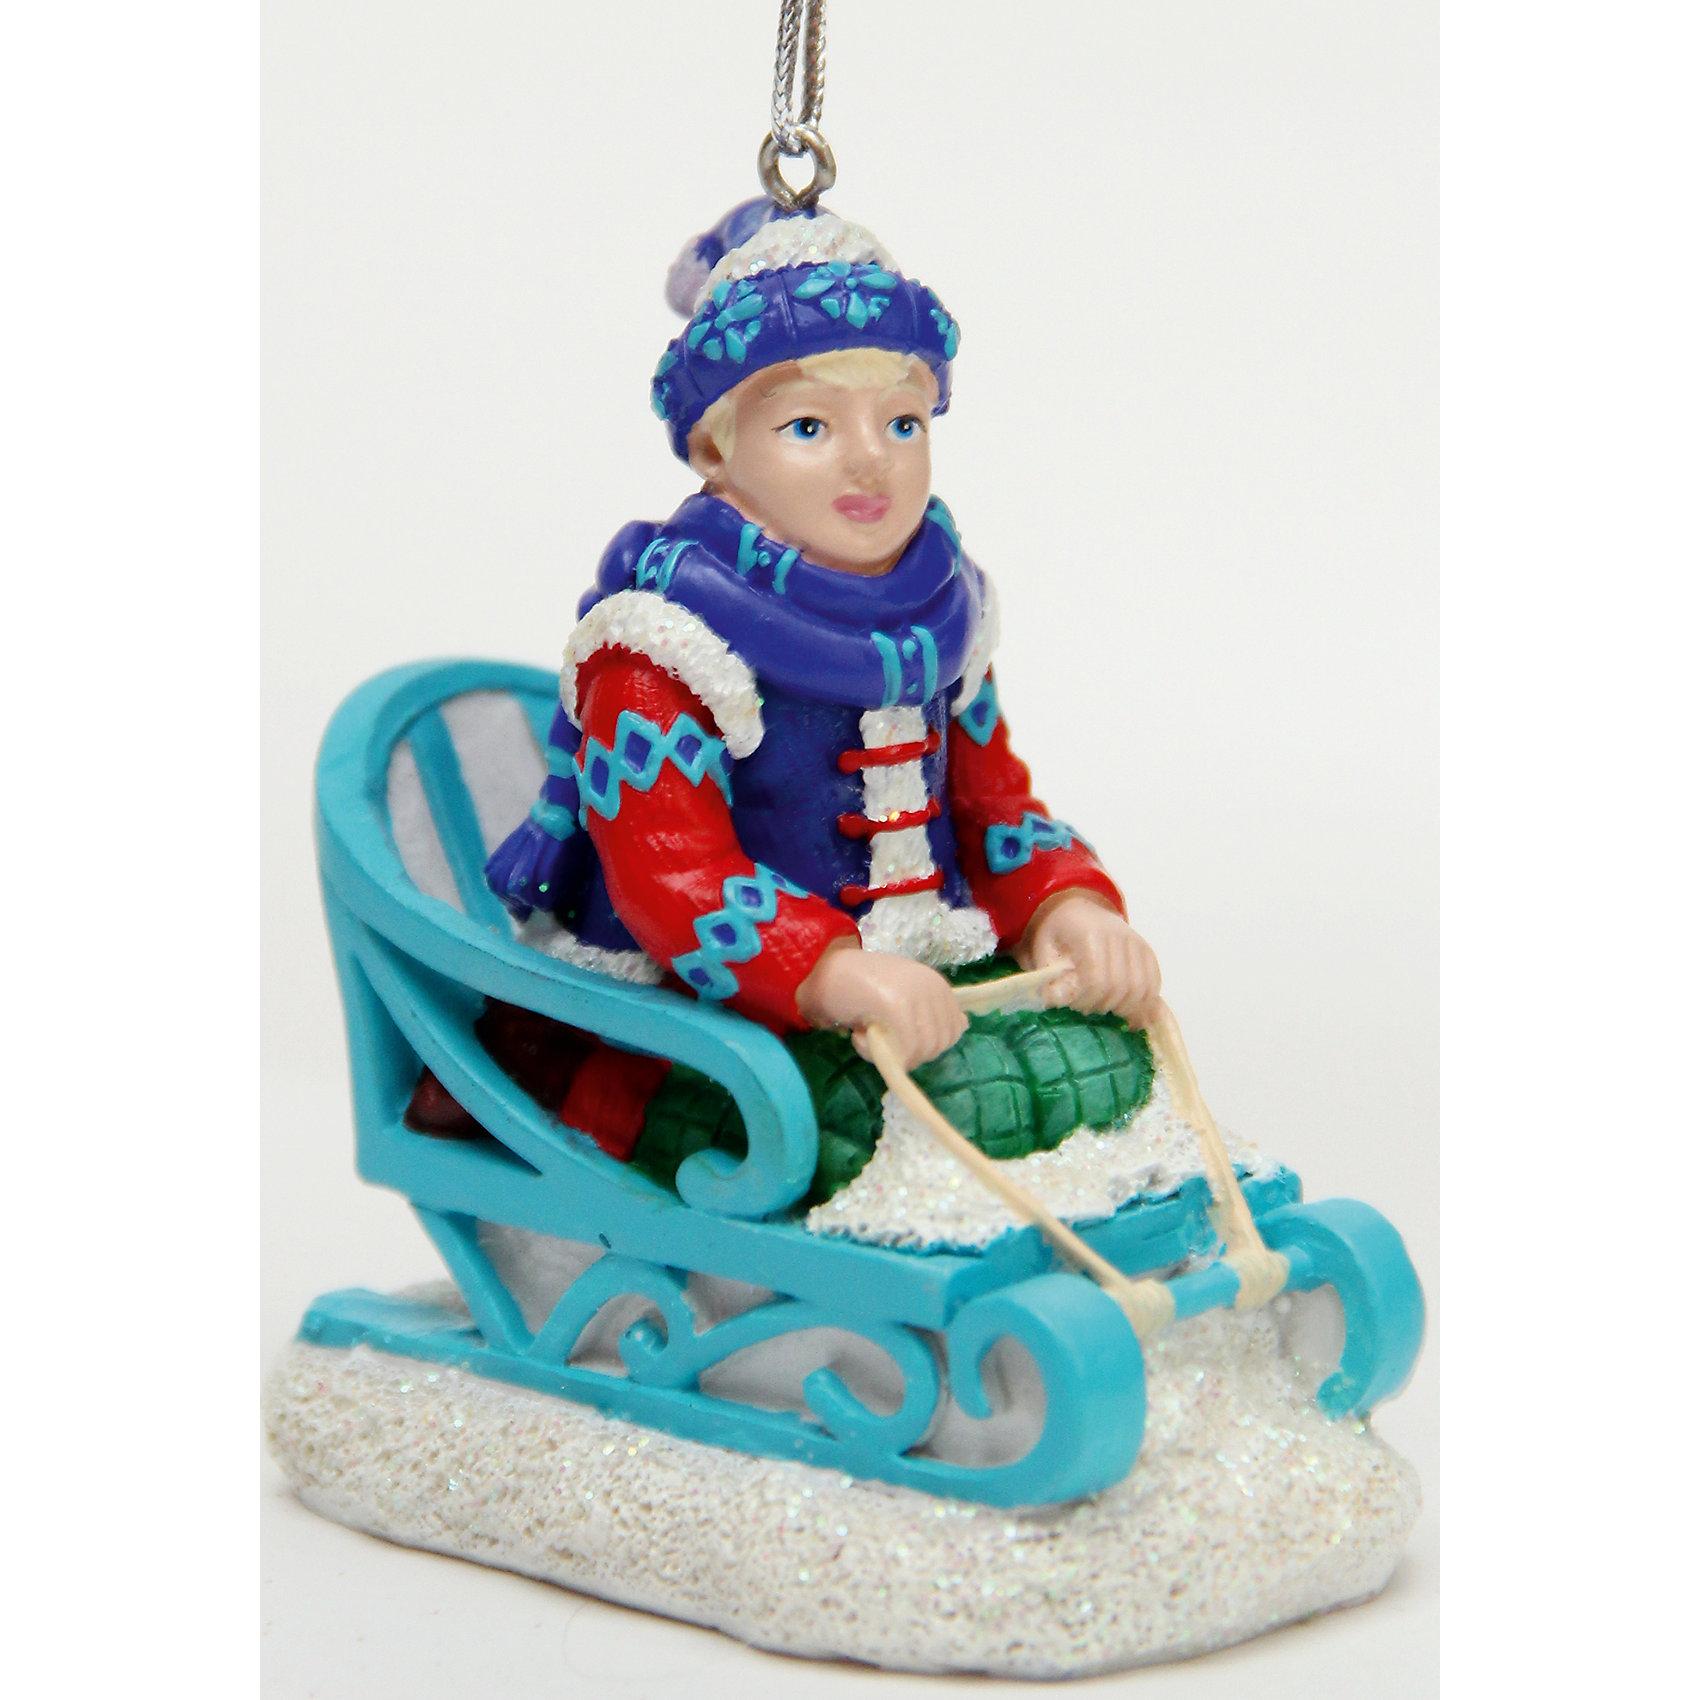 Украшение КайЁлочные игрушки<br>Новый год - самый любимый праздник у многих детей и взрослых. Праздничное настроение создает в первую очередь украшенный дом и, особенно, наряженная ёлка. Будь она из леса или искусственная - такая подвесная игрушка украсит любую!<br>Она сделана из безопасного для детей, прочного, но легкого, материала, поэтому не разобьется, упав на пол. Благодаря расцветке украшение отлично смотрится на ёлке. Создайте с ним праздничное настроение себе и близким!<br><br>Дополнительная информация:<br><br>цвет: разноцветный;<br>материал: полирезина;<br>размер: 7 x 5 x 8 см.<br><br>Украшение Кай можно купить в нашем магазине.<br><br>Ширина мм: 150<br>Глубина мм: 150<br>Высота мм: 60<br>Вес г: 88<br>Возраст от месяцев: 36<br>Возраст до месяцев: 2147483647<br>Пол: Унисекс<br>Возраст: Детский<br>SKU: 4981682